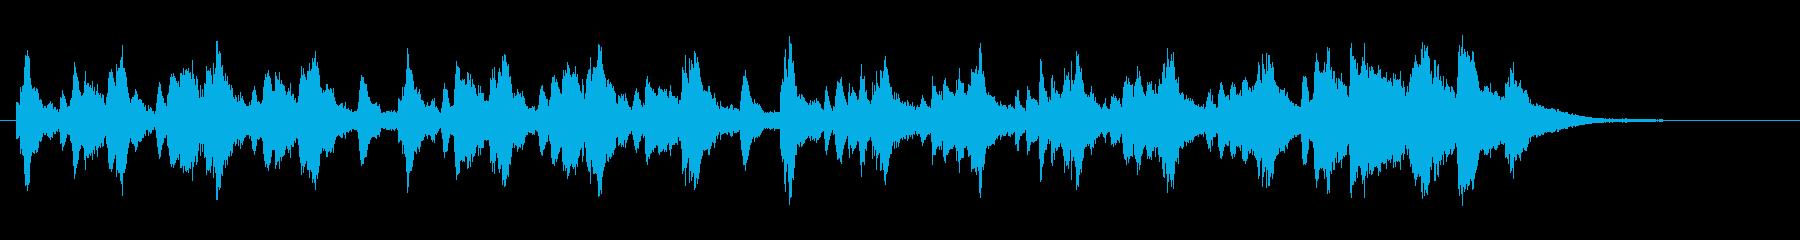 パガニーニの主題による変奏曲/ブラームスの再生済みの波形